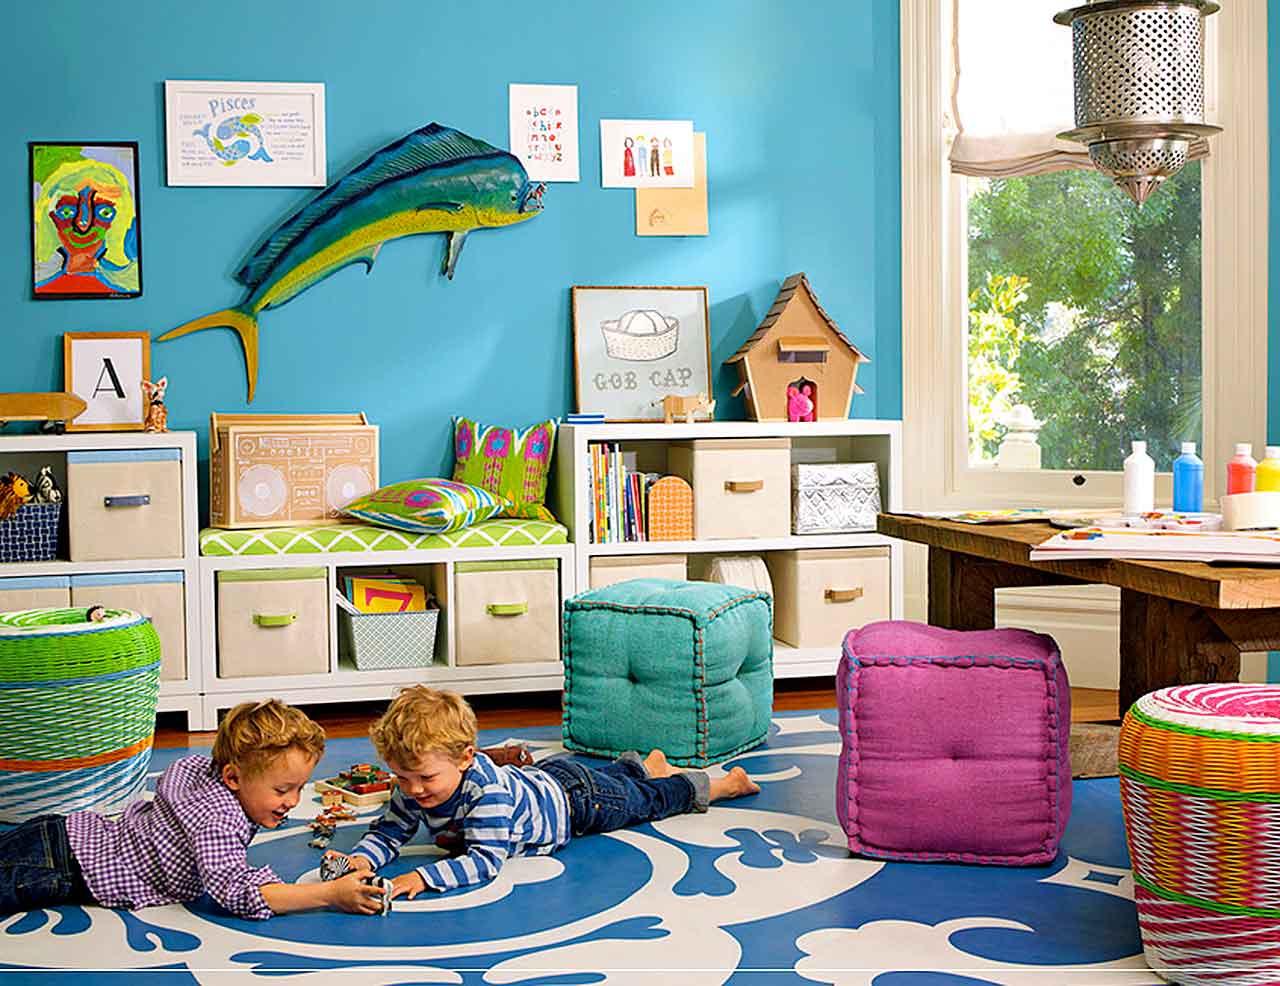 Çocuklar için oyuncak ve renk seçimi nasıl yapılır? - Okul öncesi